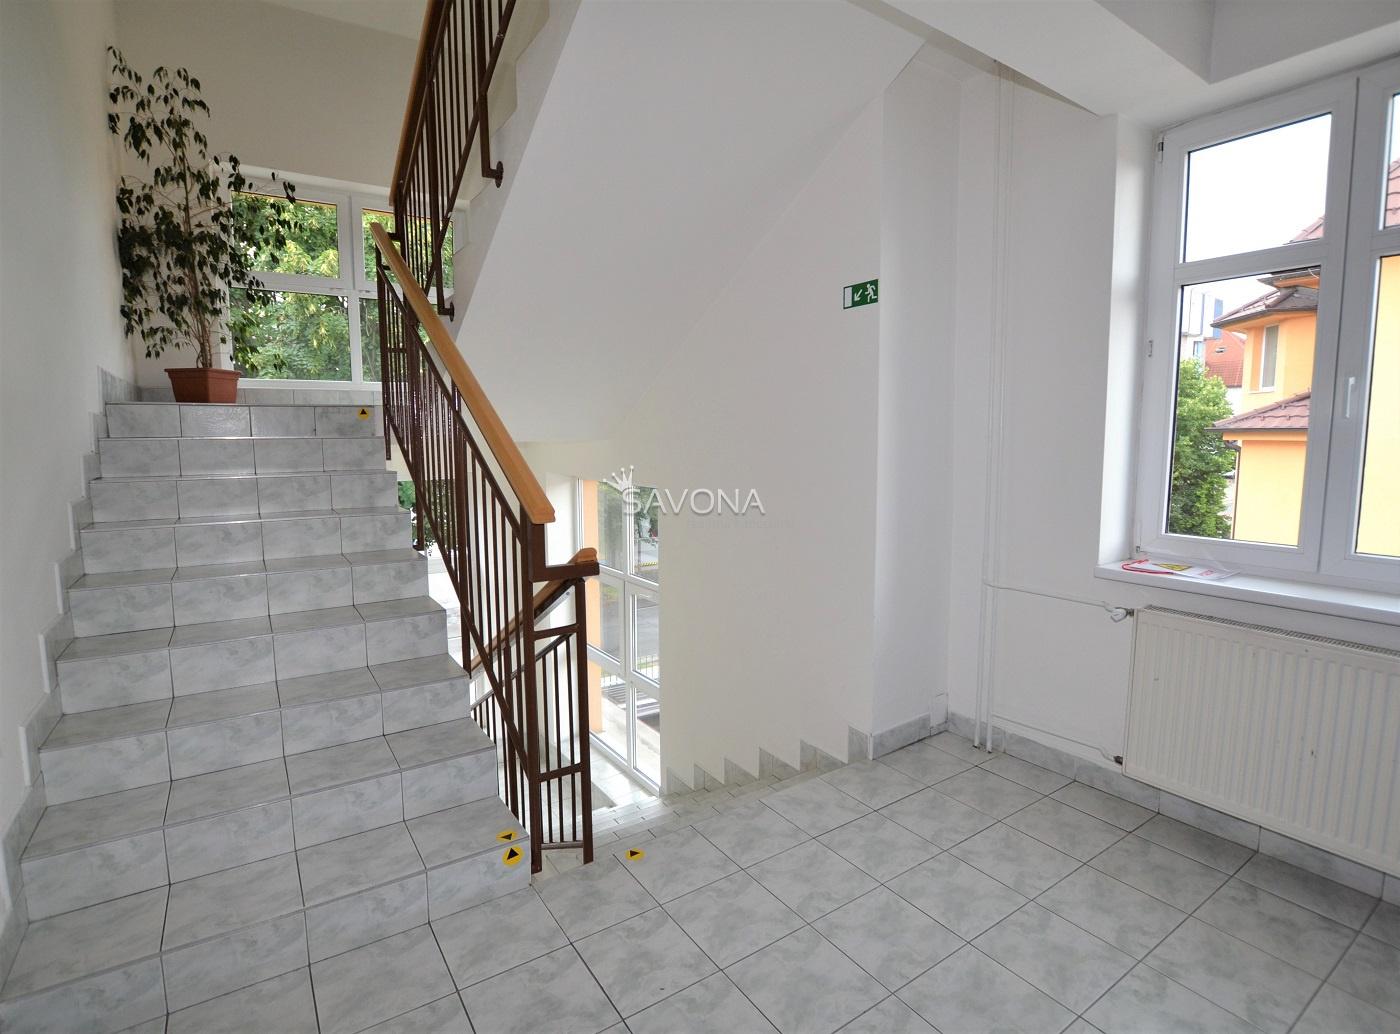 NA PRENÁJOM – 28 m2 – priestory na 2. podlaží v blízkosti centra, POPRAD – ul. Hviezdoslavova